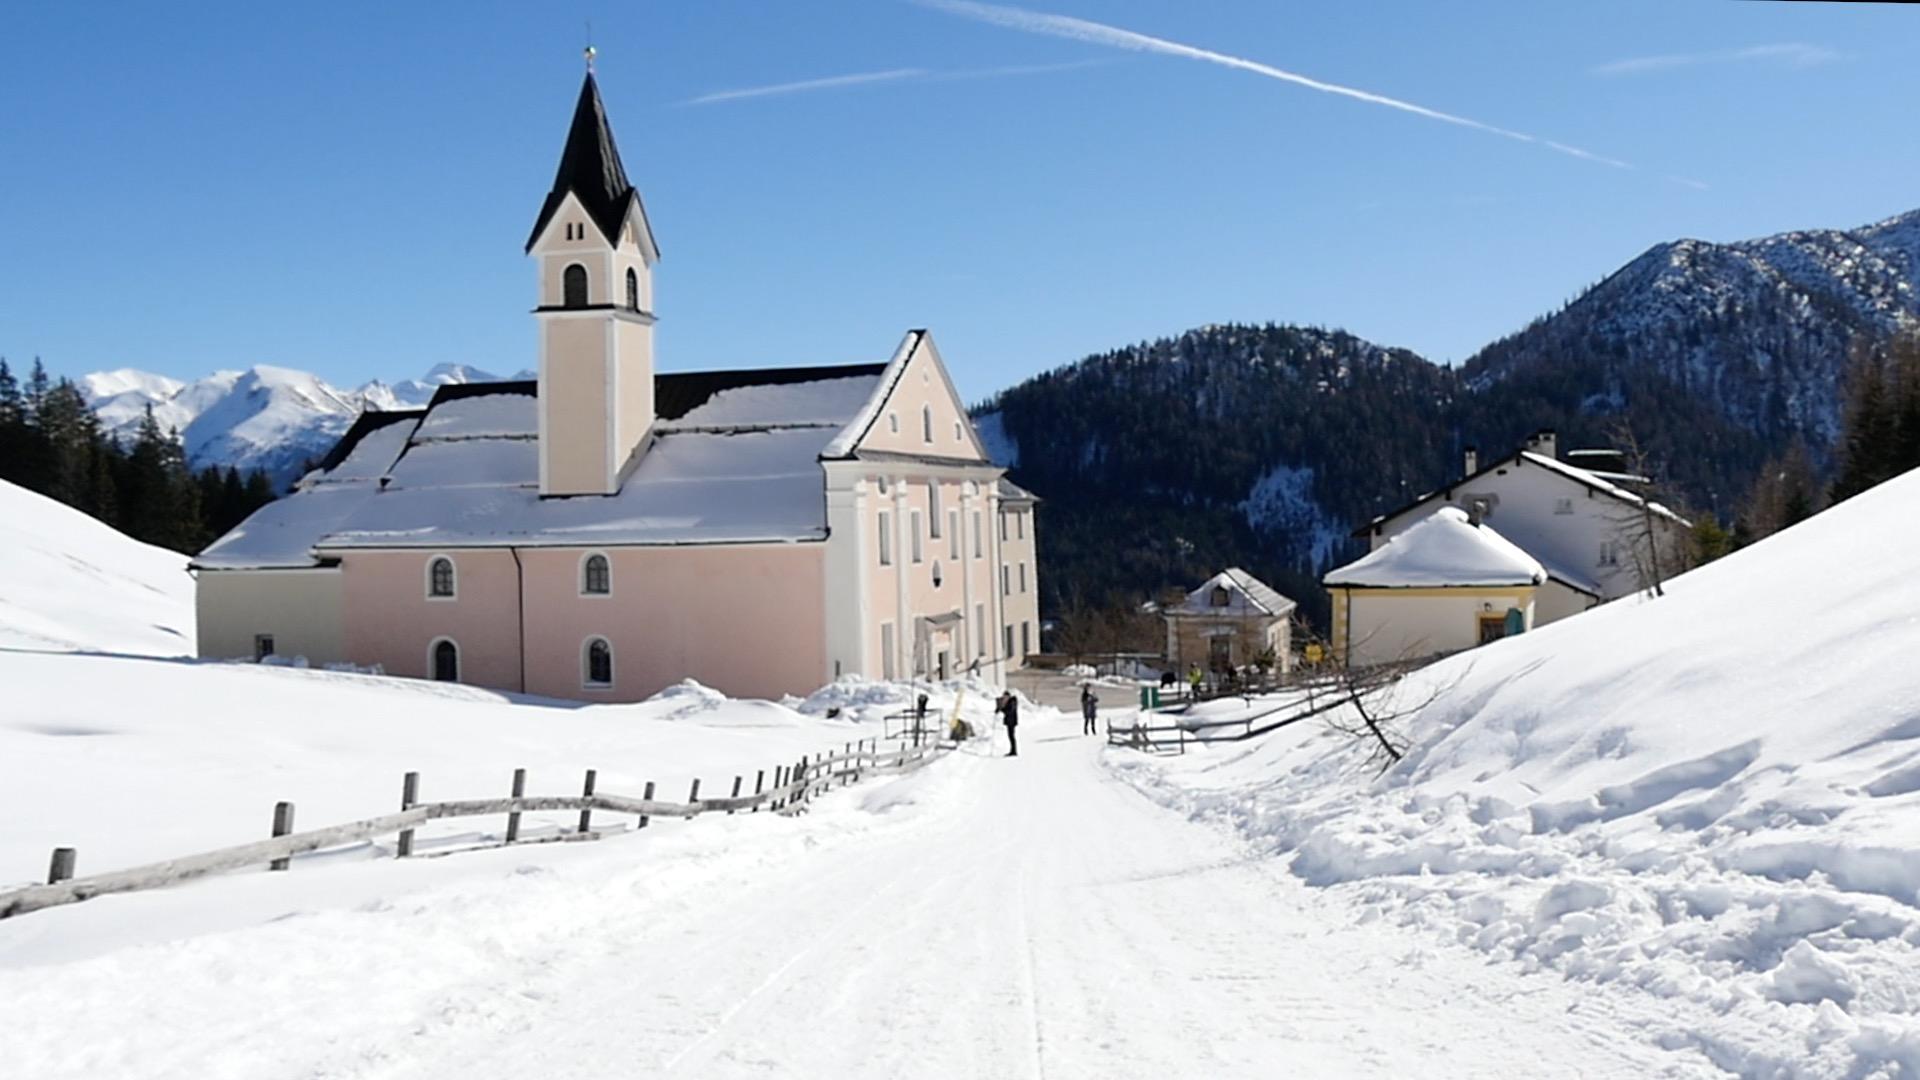 Tirol News